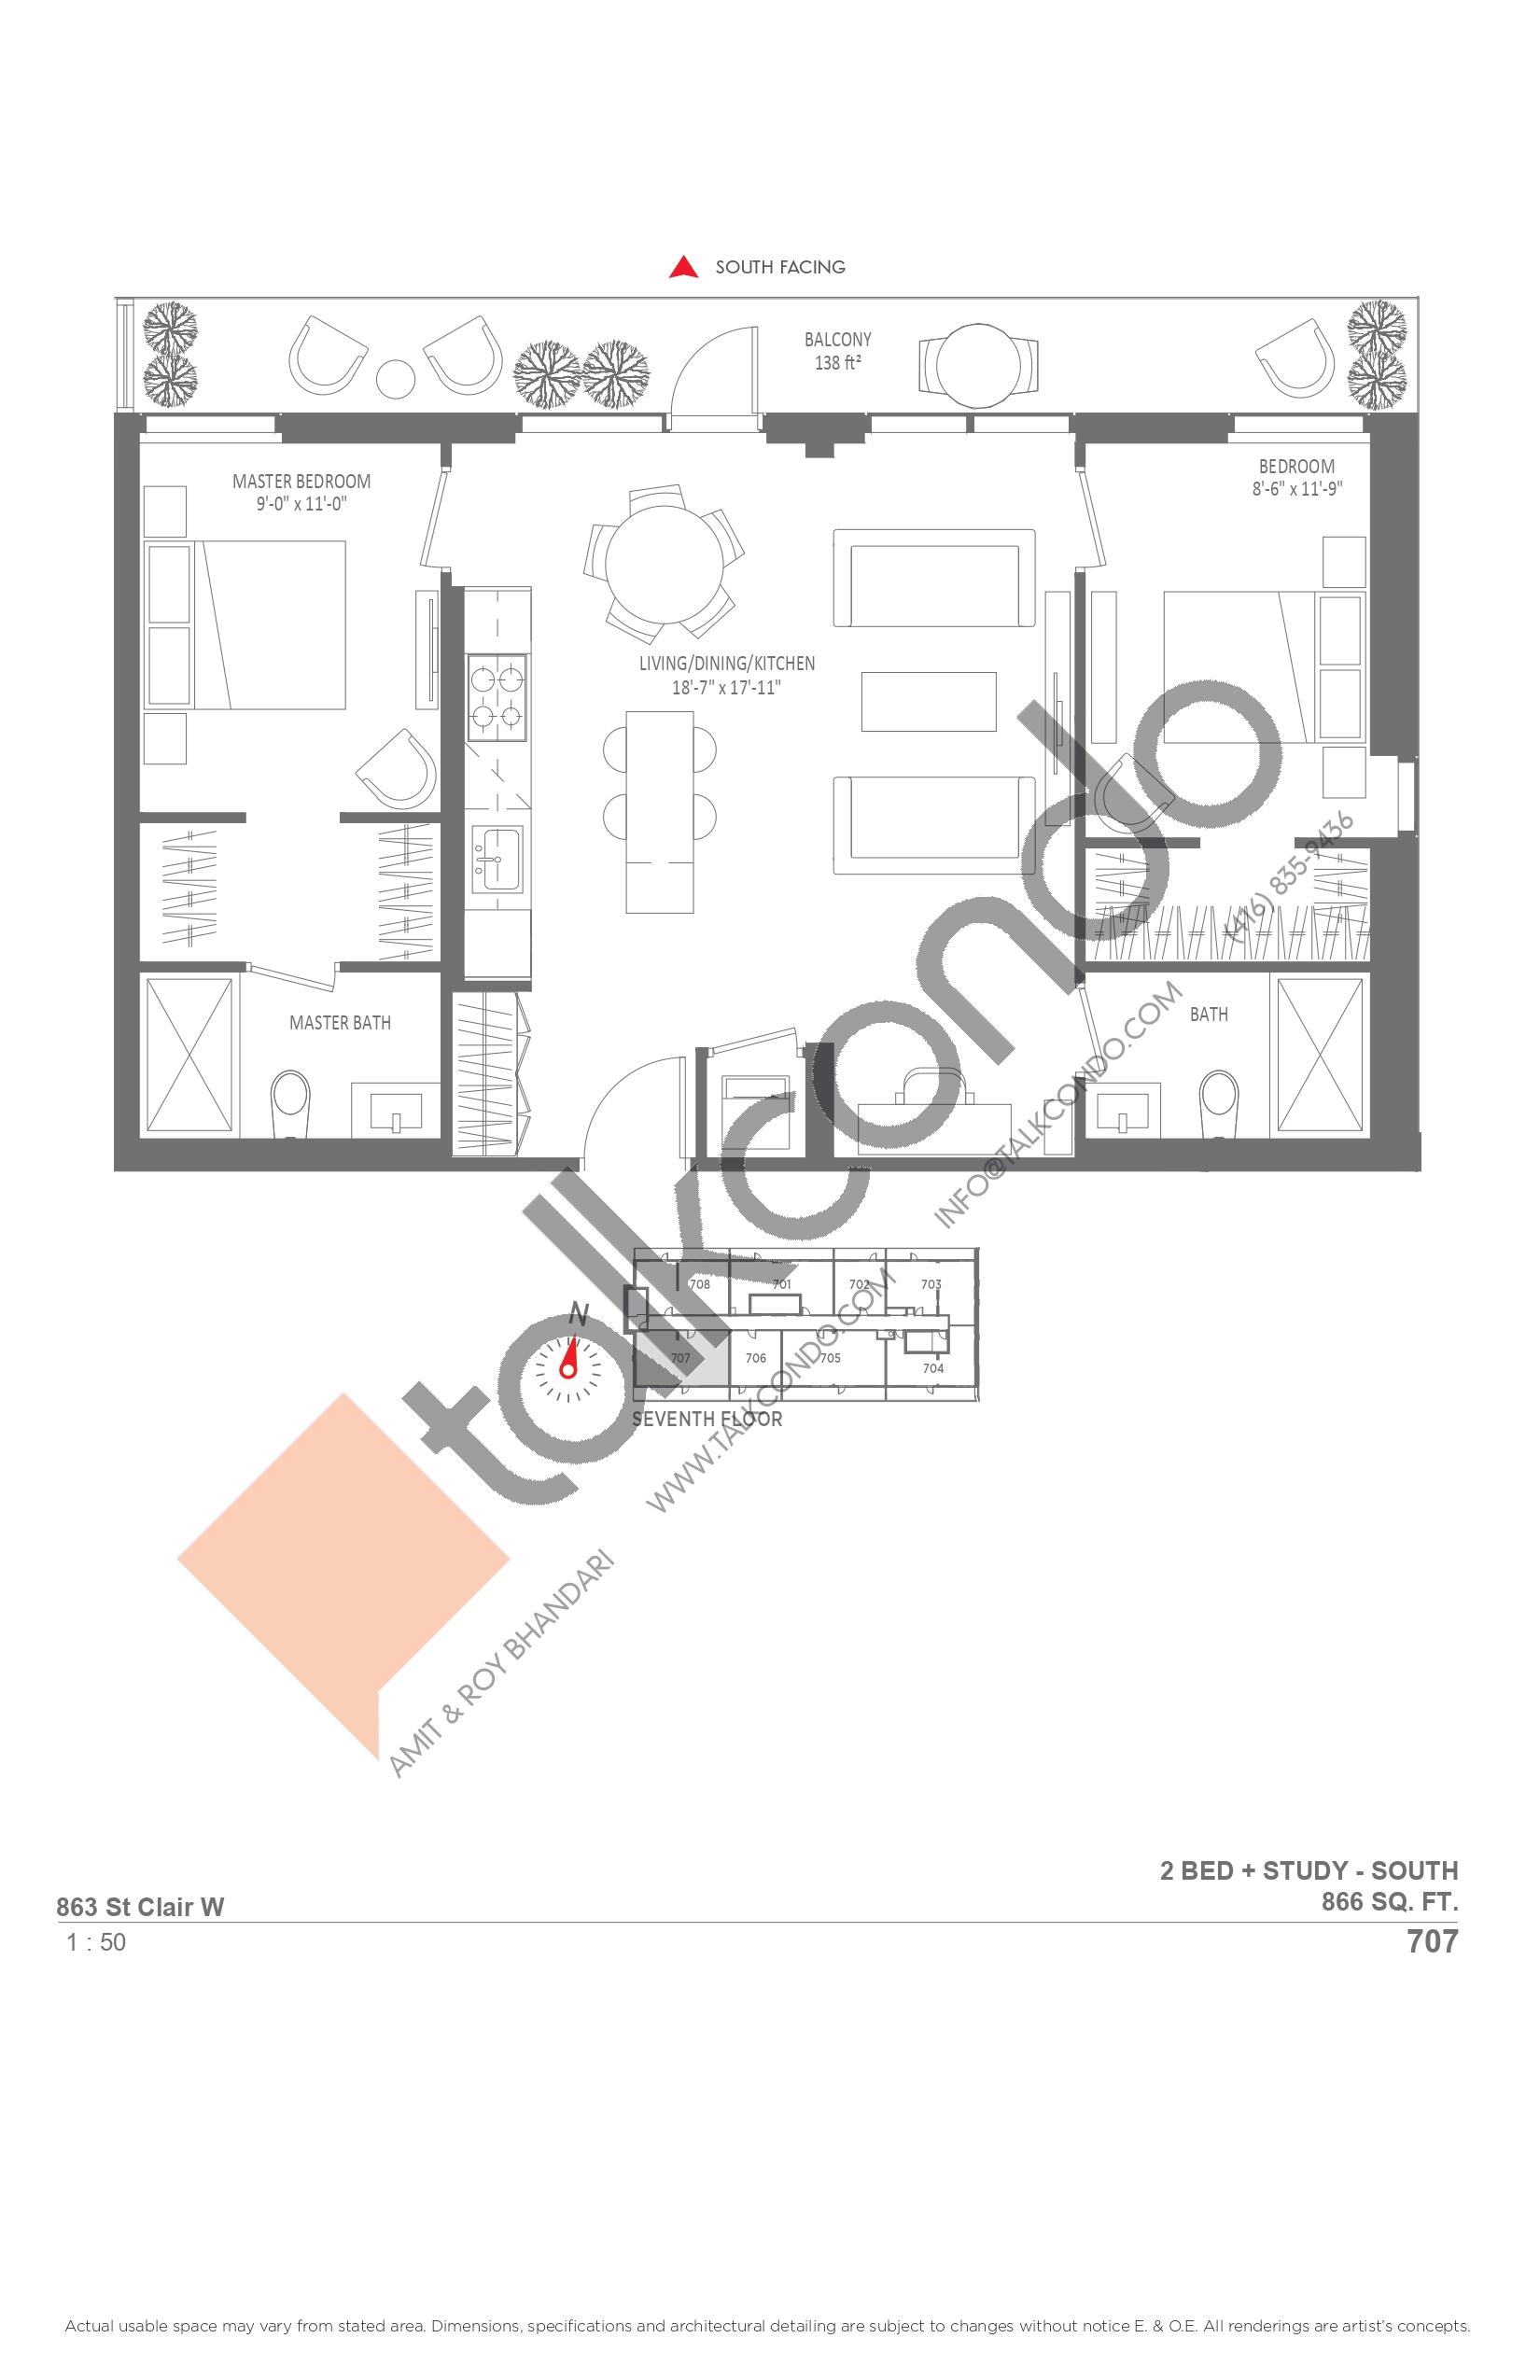 707 Floor Plan at Monza Condos - 866 sq.ft